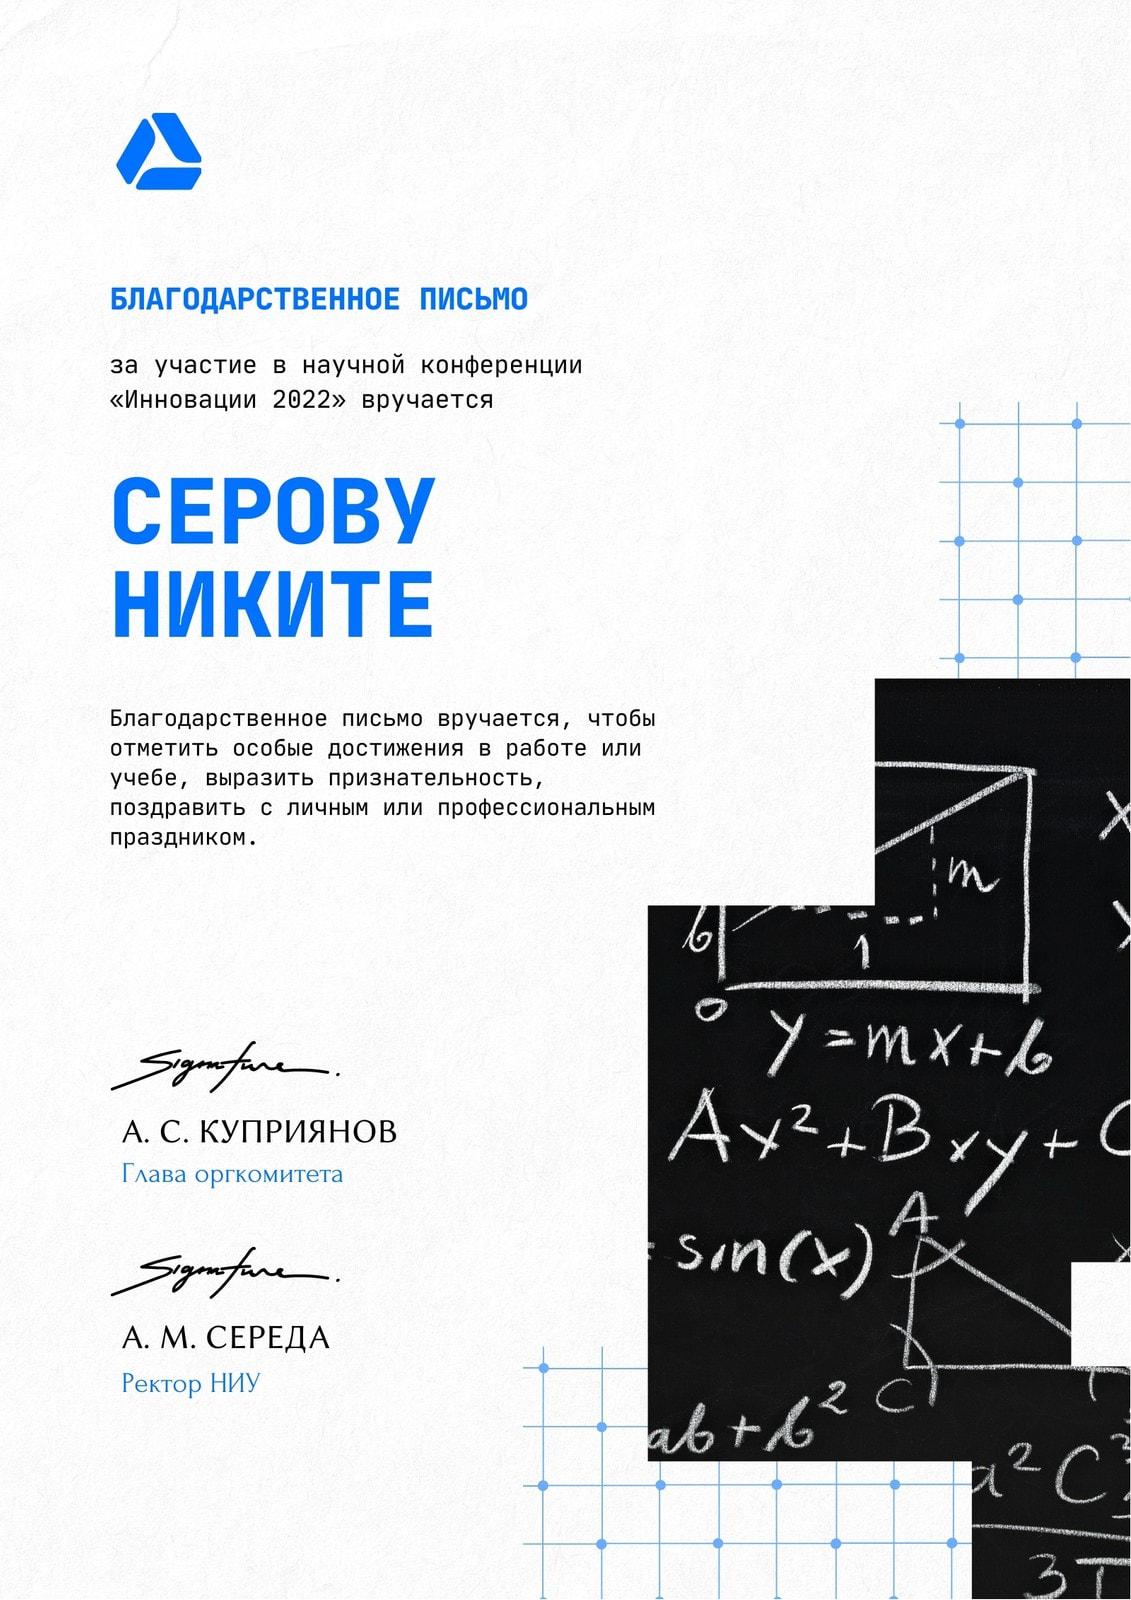 Белое деловое благодарственное письмо с надписью мелом на черной доске